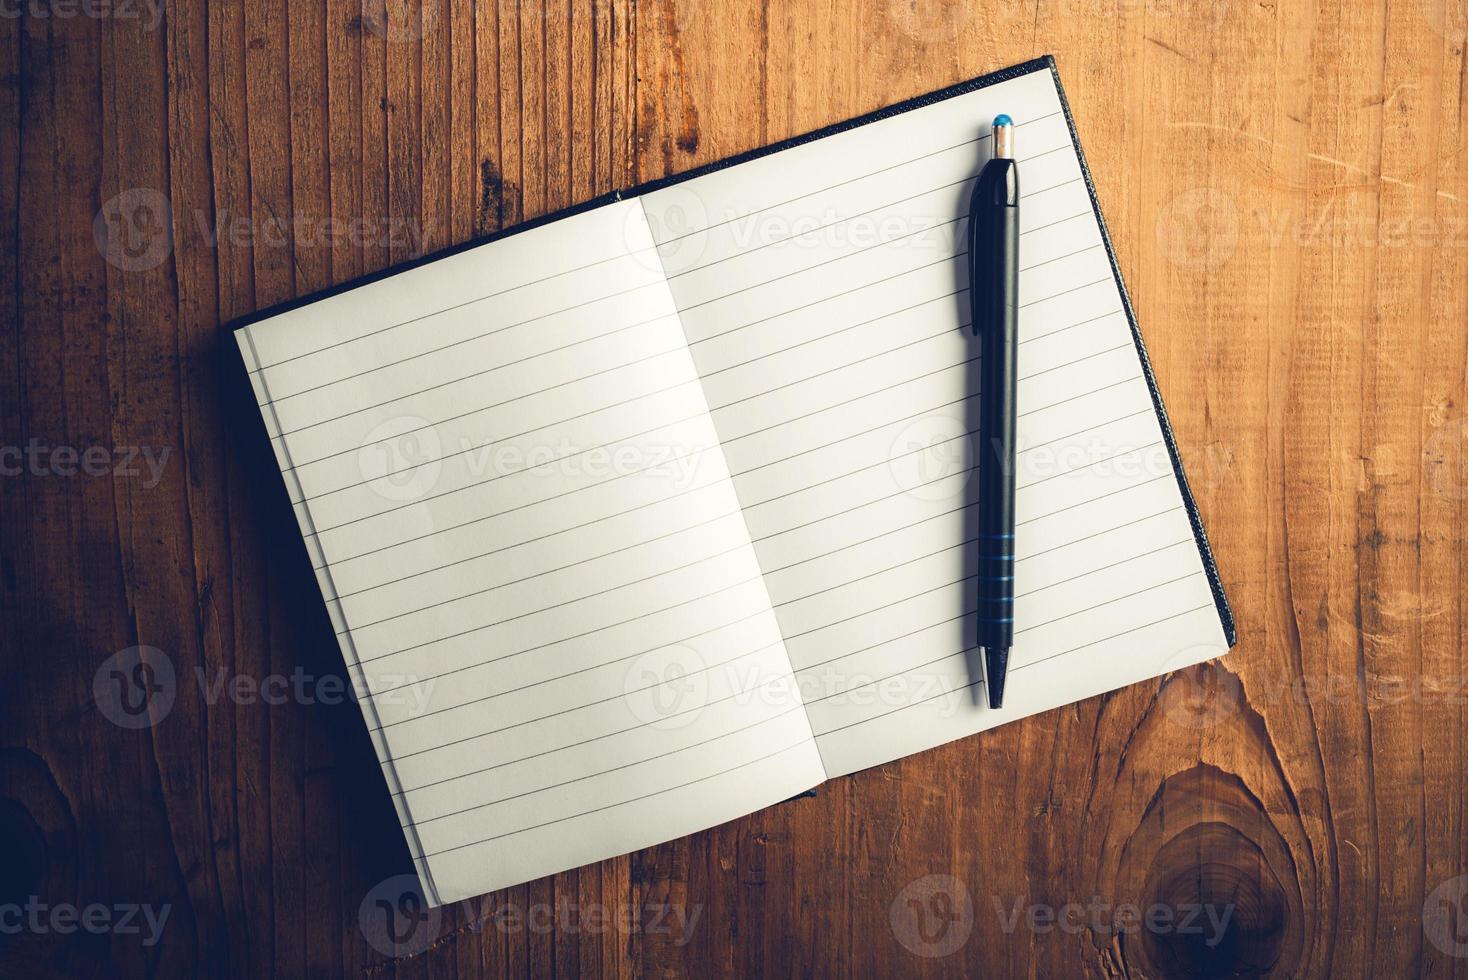 caderno aberto com páginas em branco e lápis foto